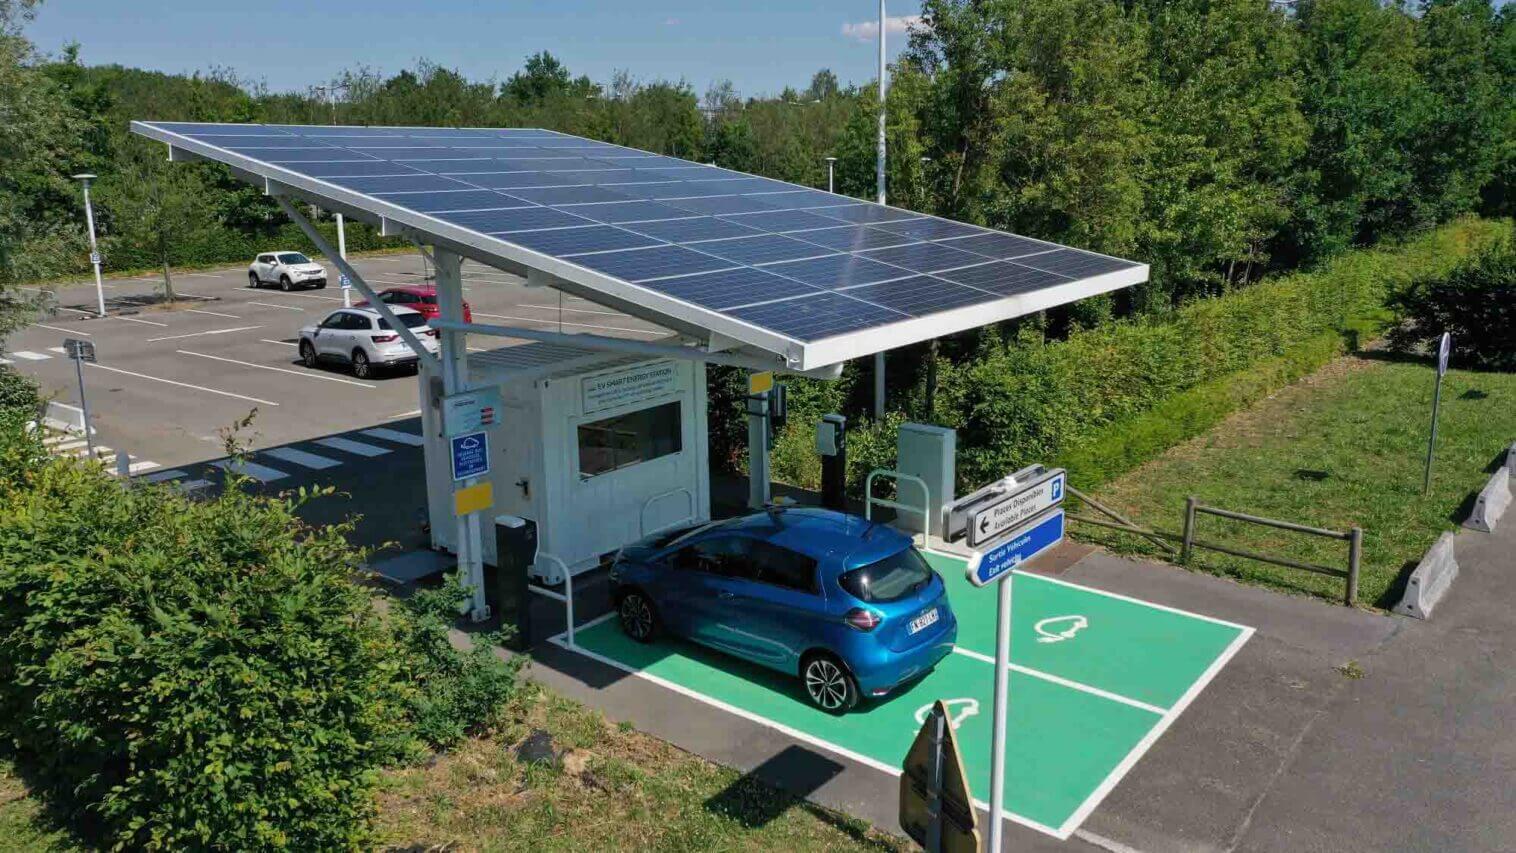 Renault управляет не менее чем 4000 зарядными станциями на своих собственных промышленных и коммерческих площадках и имеет опыт создания электрических экосистем